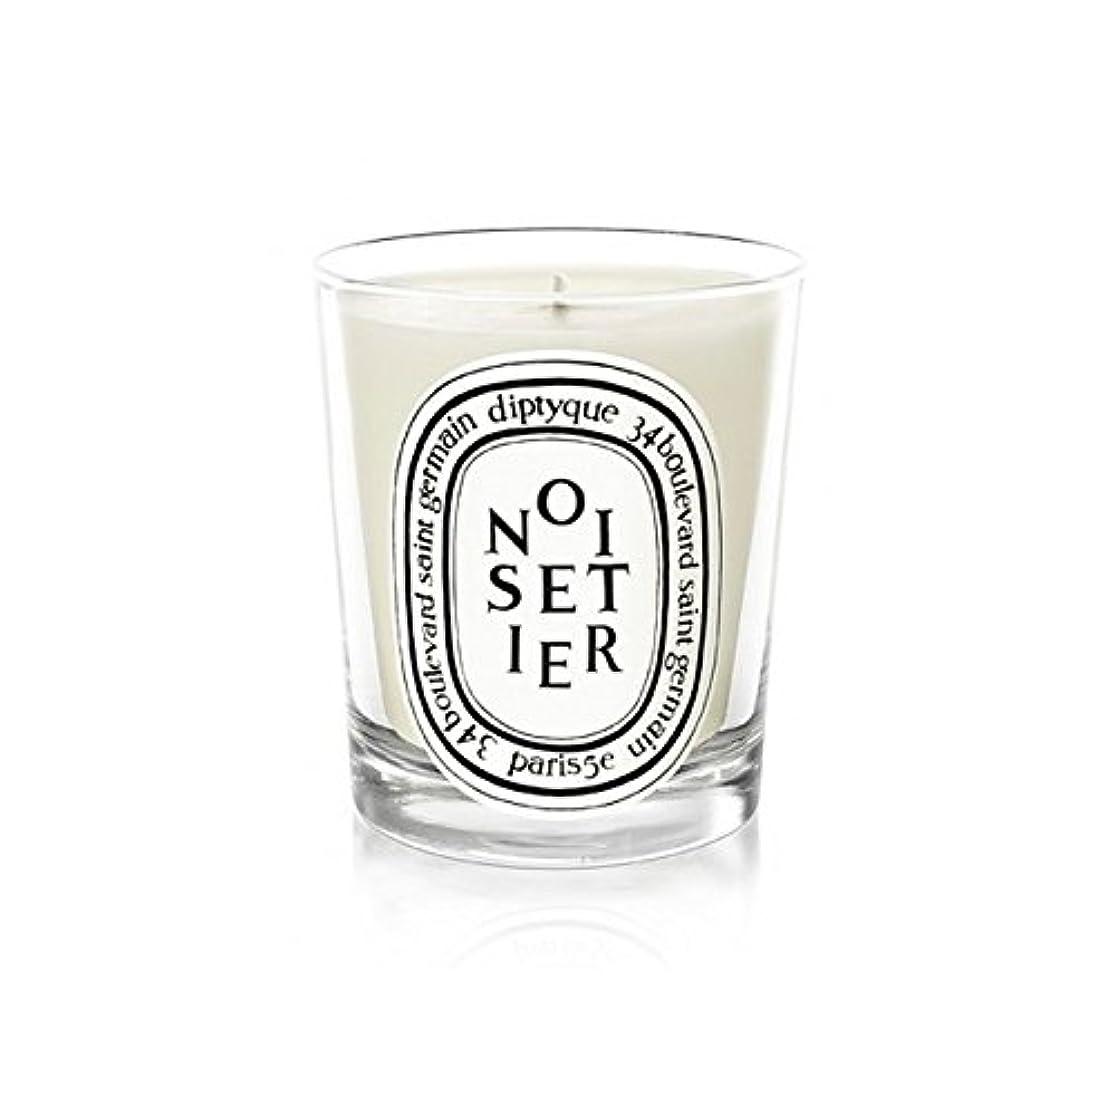 スーパーマーケット含むビザDiptyque Noisetier Mini Candle 70g (Pack of 6) - Diptyque Noisetierミニキャンドル70グラム (x6) [並行輸入品]